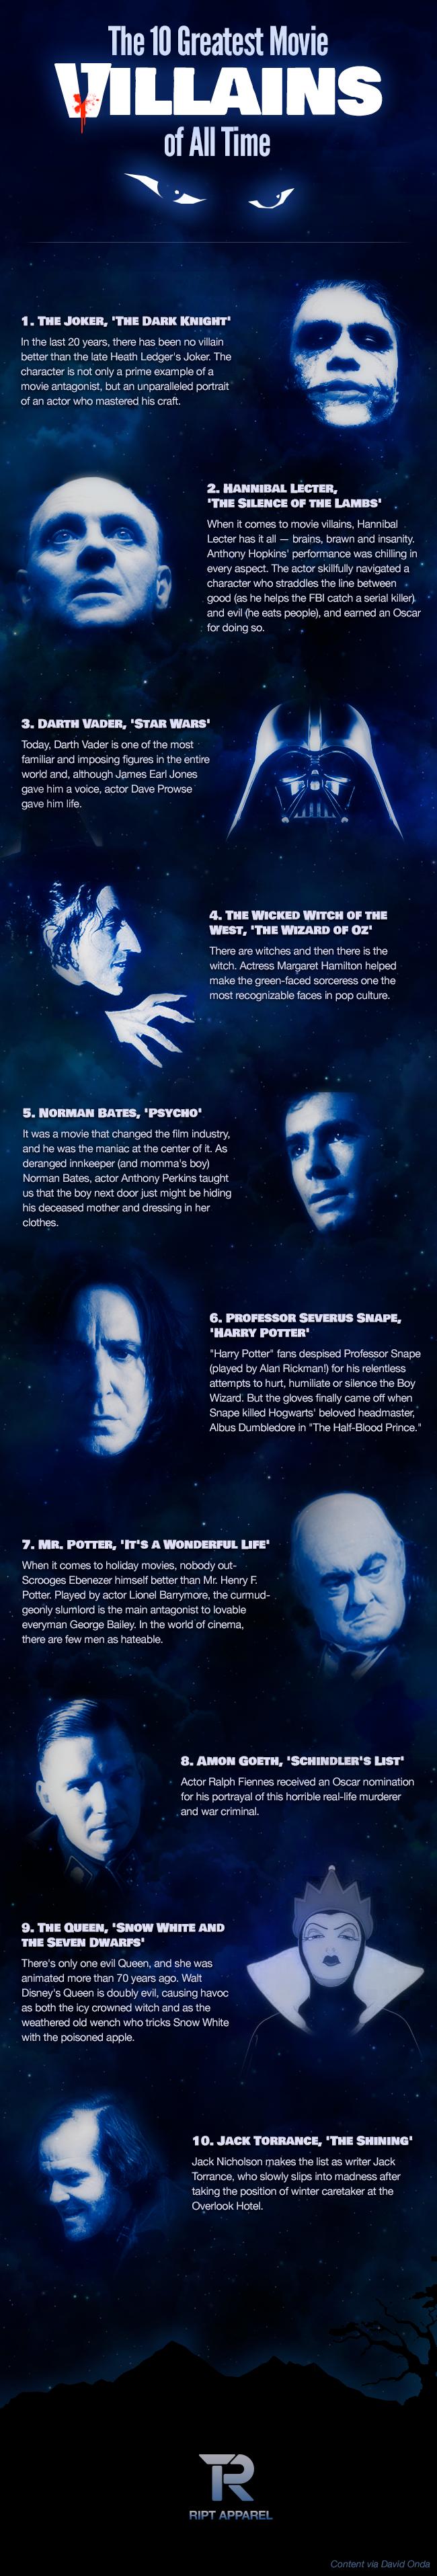 top 10 movie villains - Top 10 des méchants de films [Infographique]